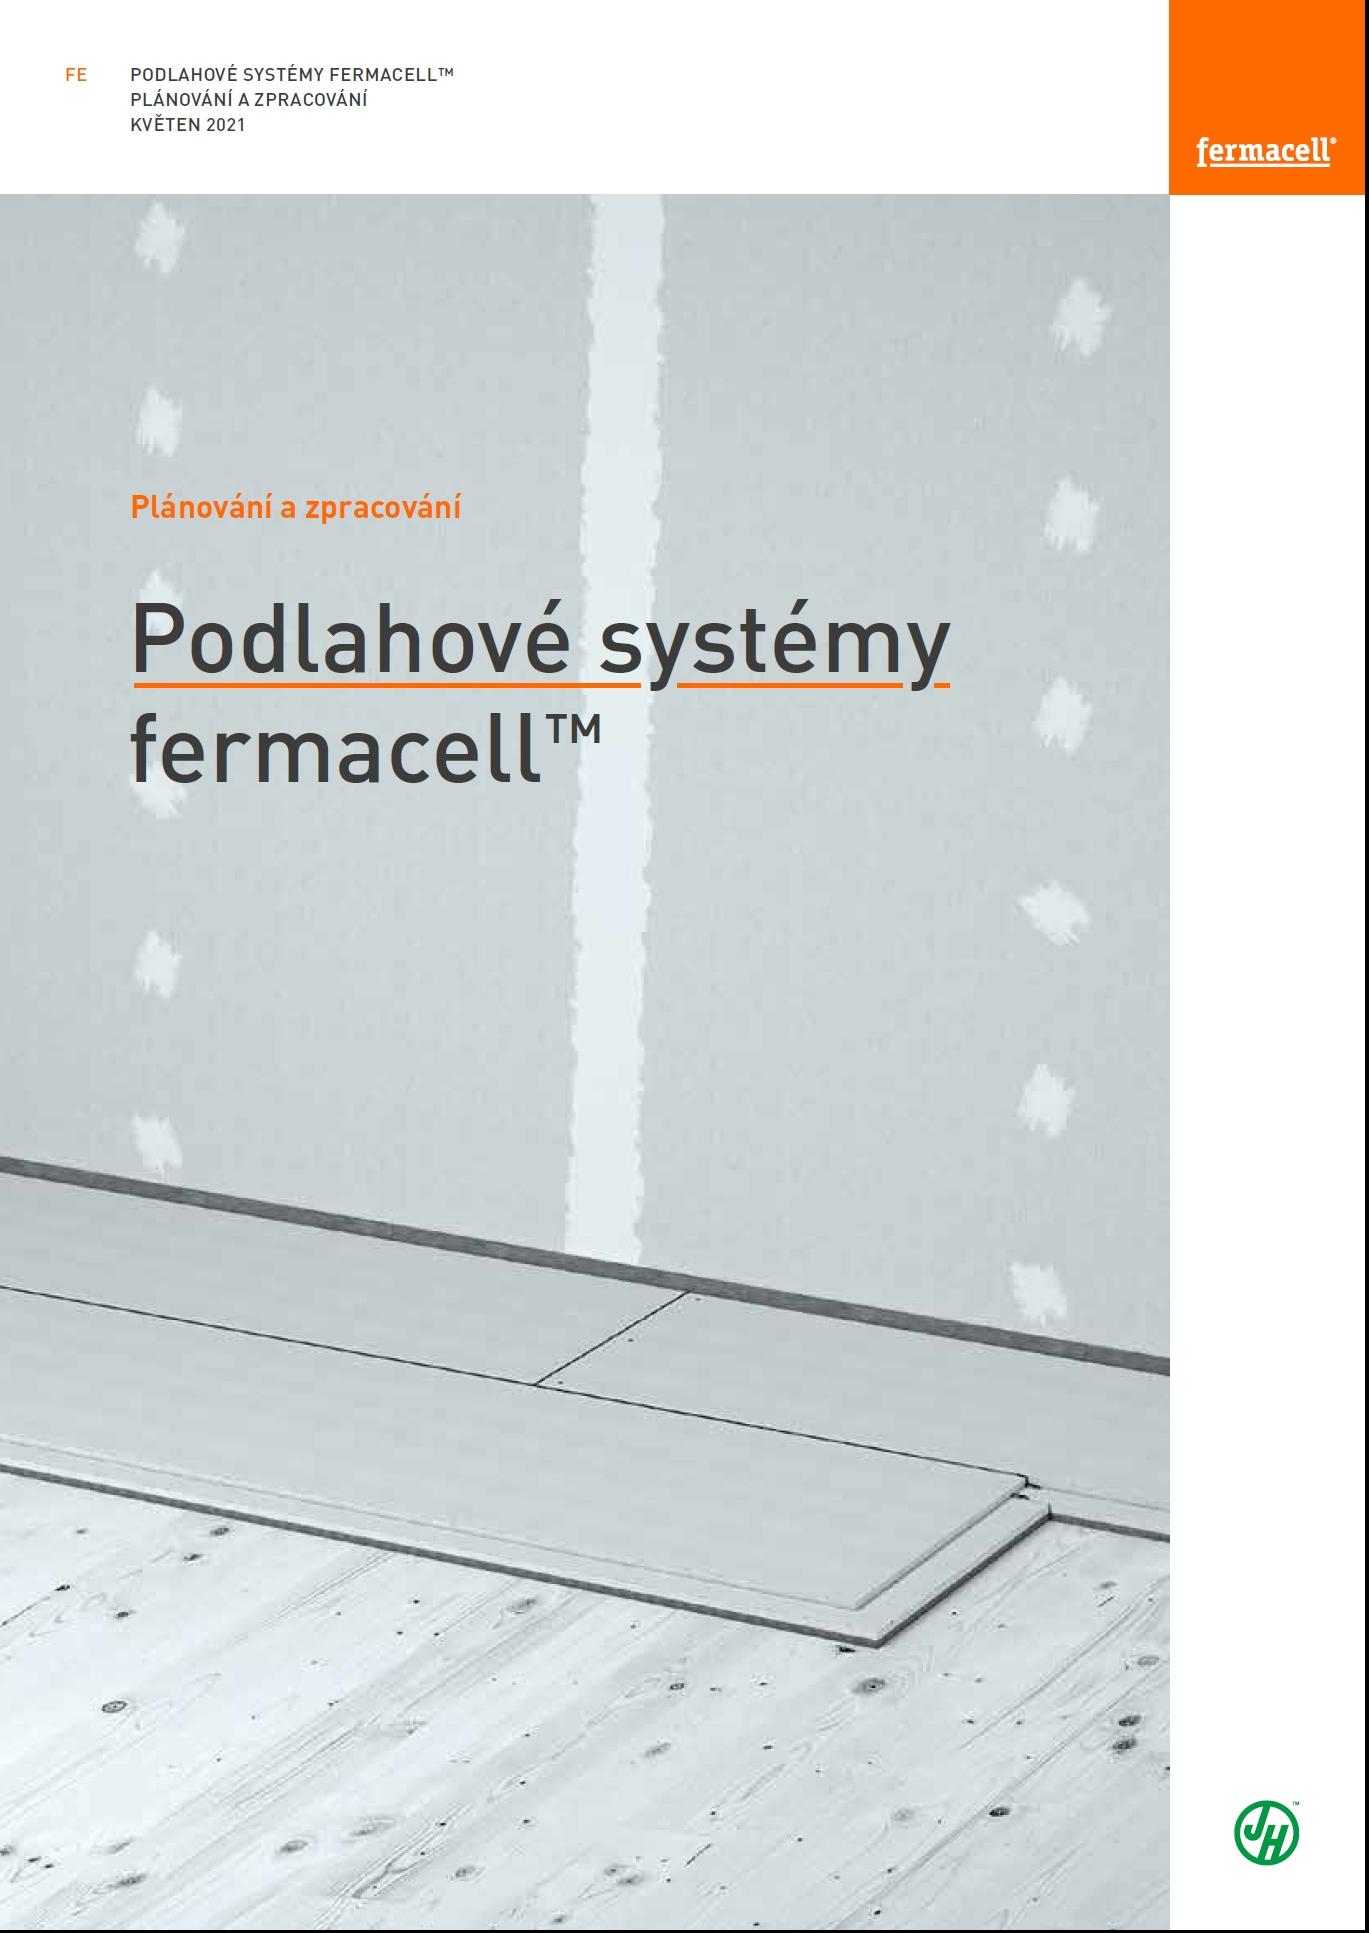 Podlahove systemy fermacell titulni stranka publikace